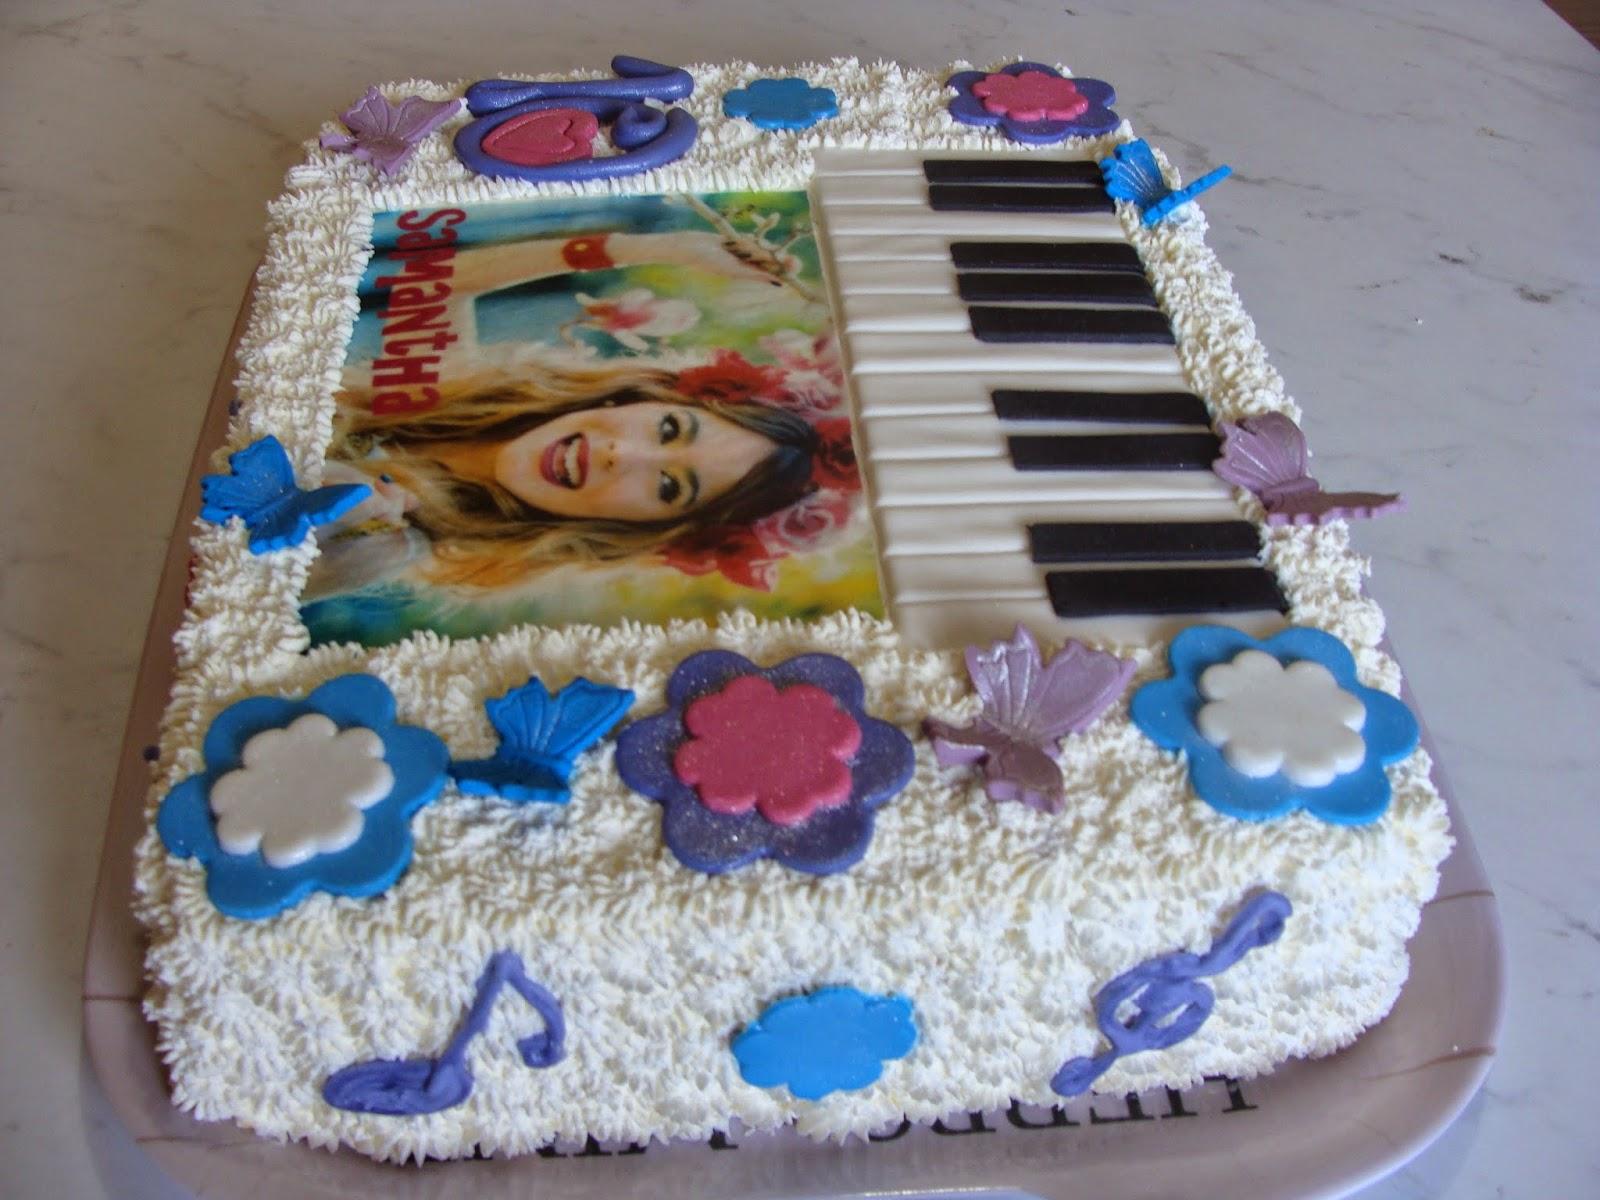 Torta Compleanno Violetta.Le Torte Di Aneta Torta Compleanno Violetta Birthday Cake Violetta